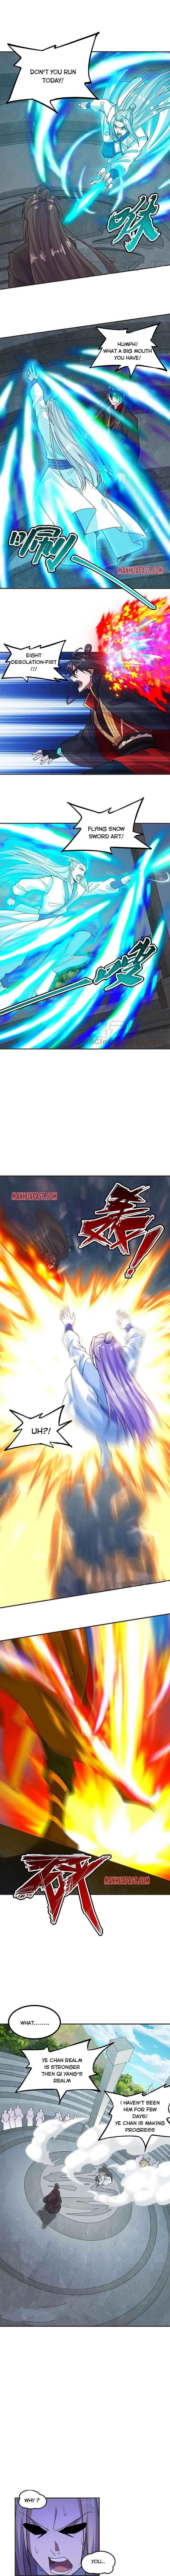 Banished Disciple's Counterattack Chapter 204 page 2 - Mangakakalots.com